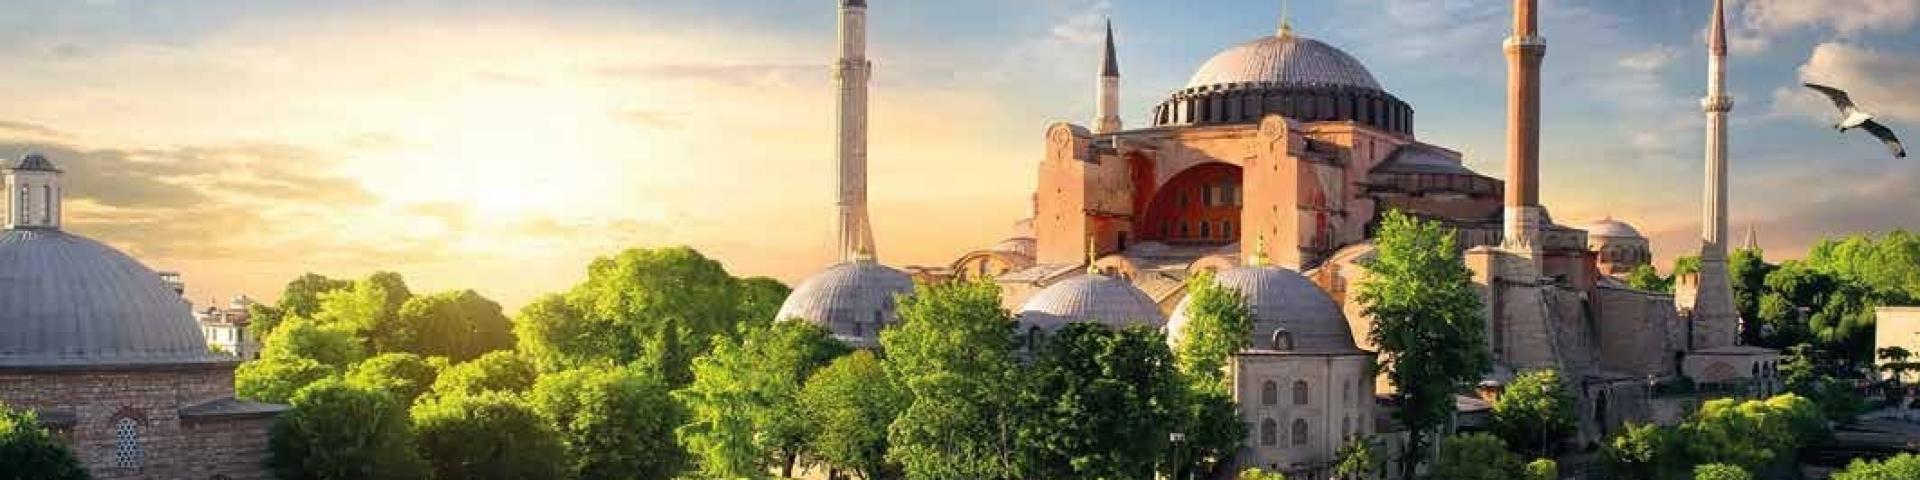 Super Promo Turquía Imperdible!  Febrero a Junio 2021